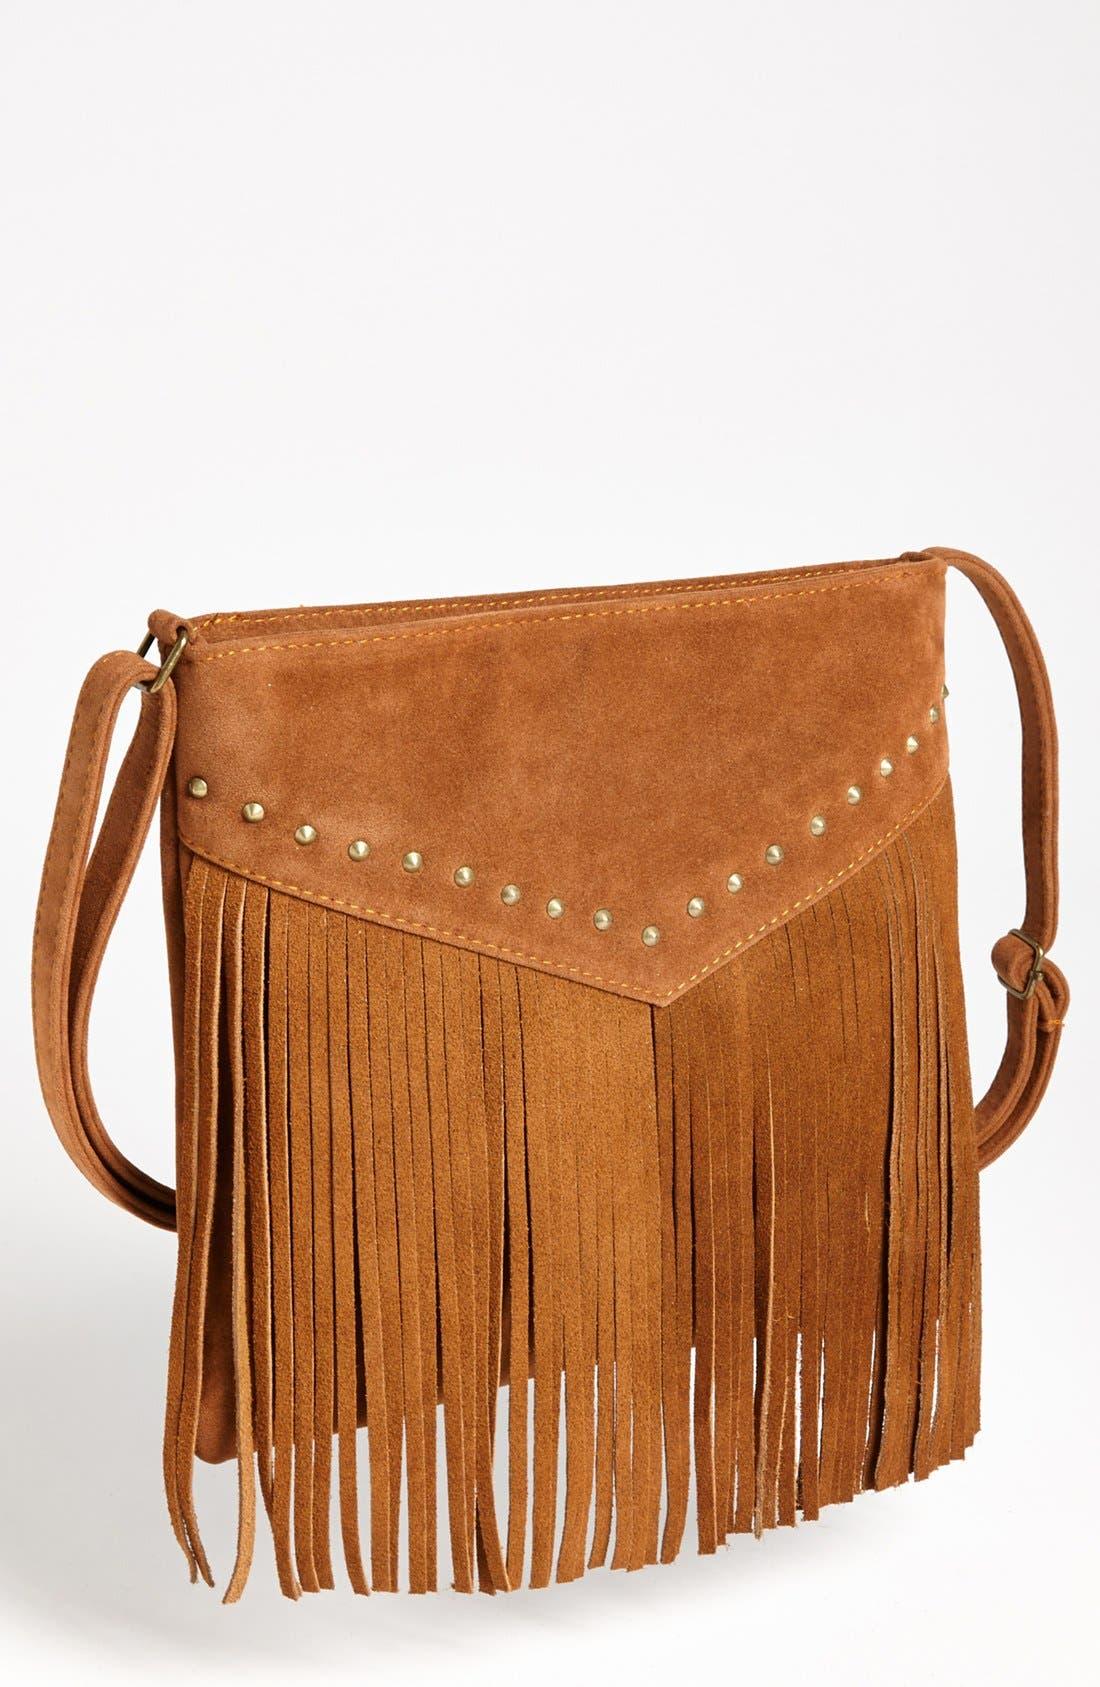 Alternate Image 1 Selected - BP. Studded Fringe Crossbody Bag